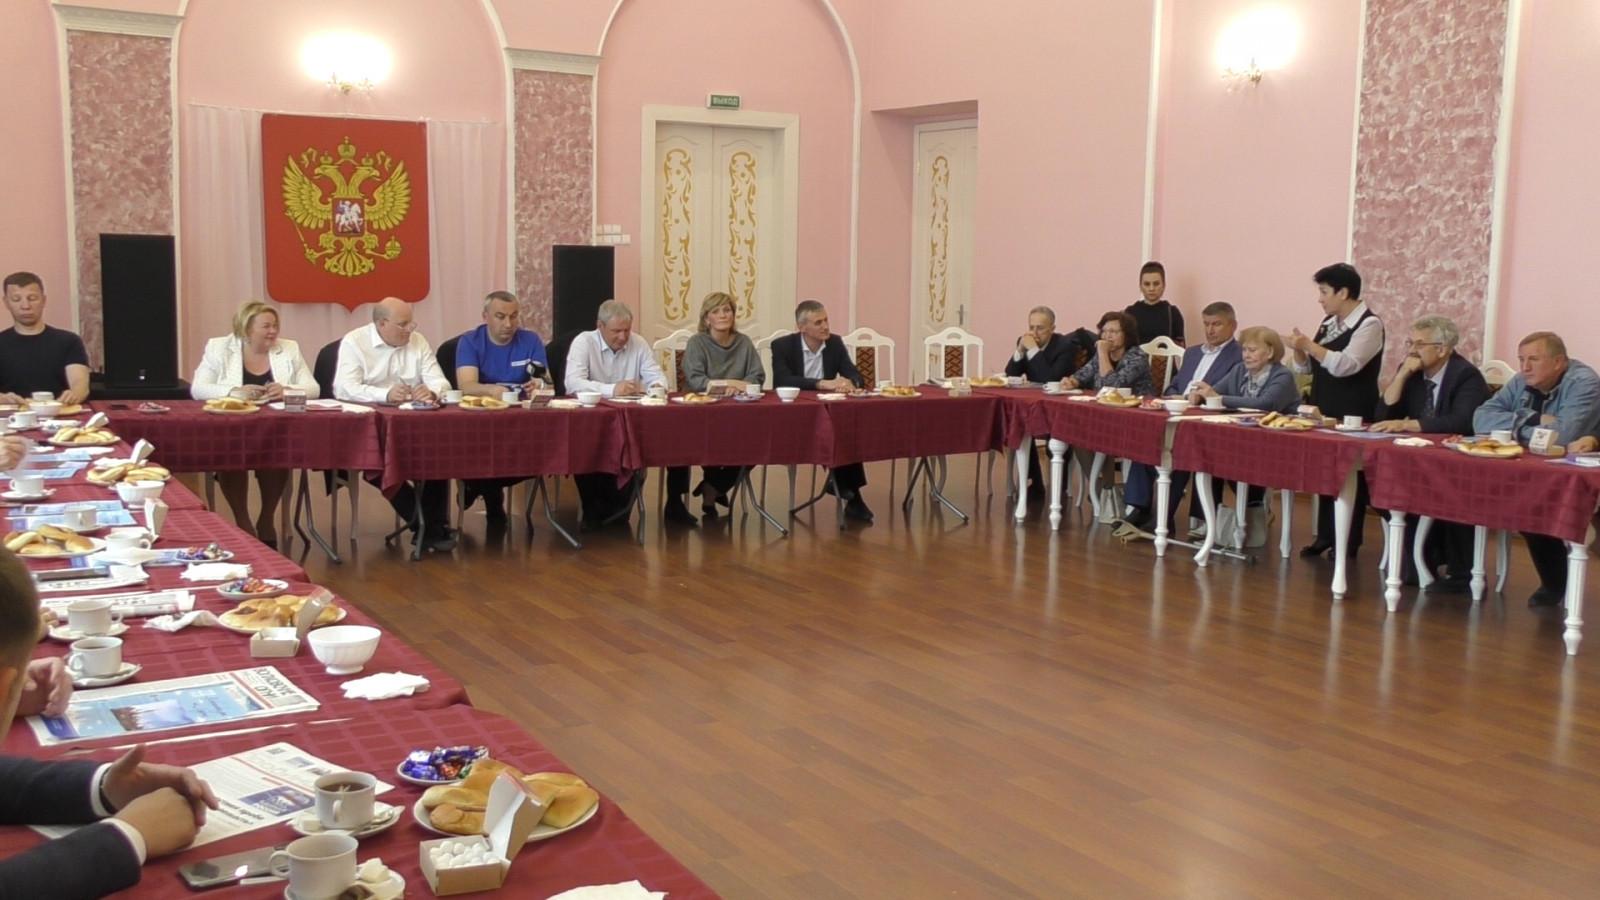 В Волховском ДК «Железнодорожник» обсудили новый формат выборов в Госдуму и в Законодательное собрание Ленинградской области